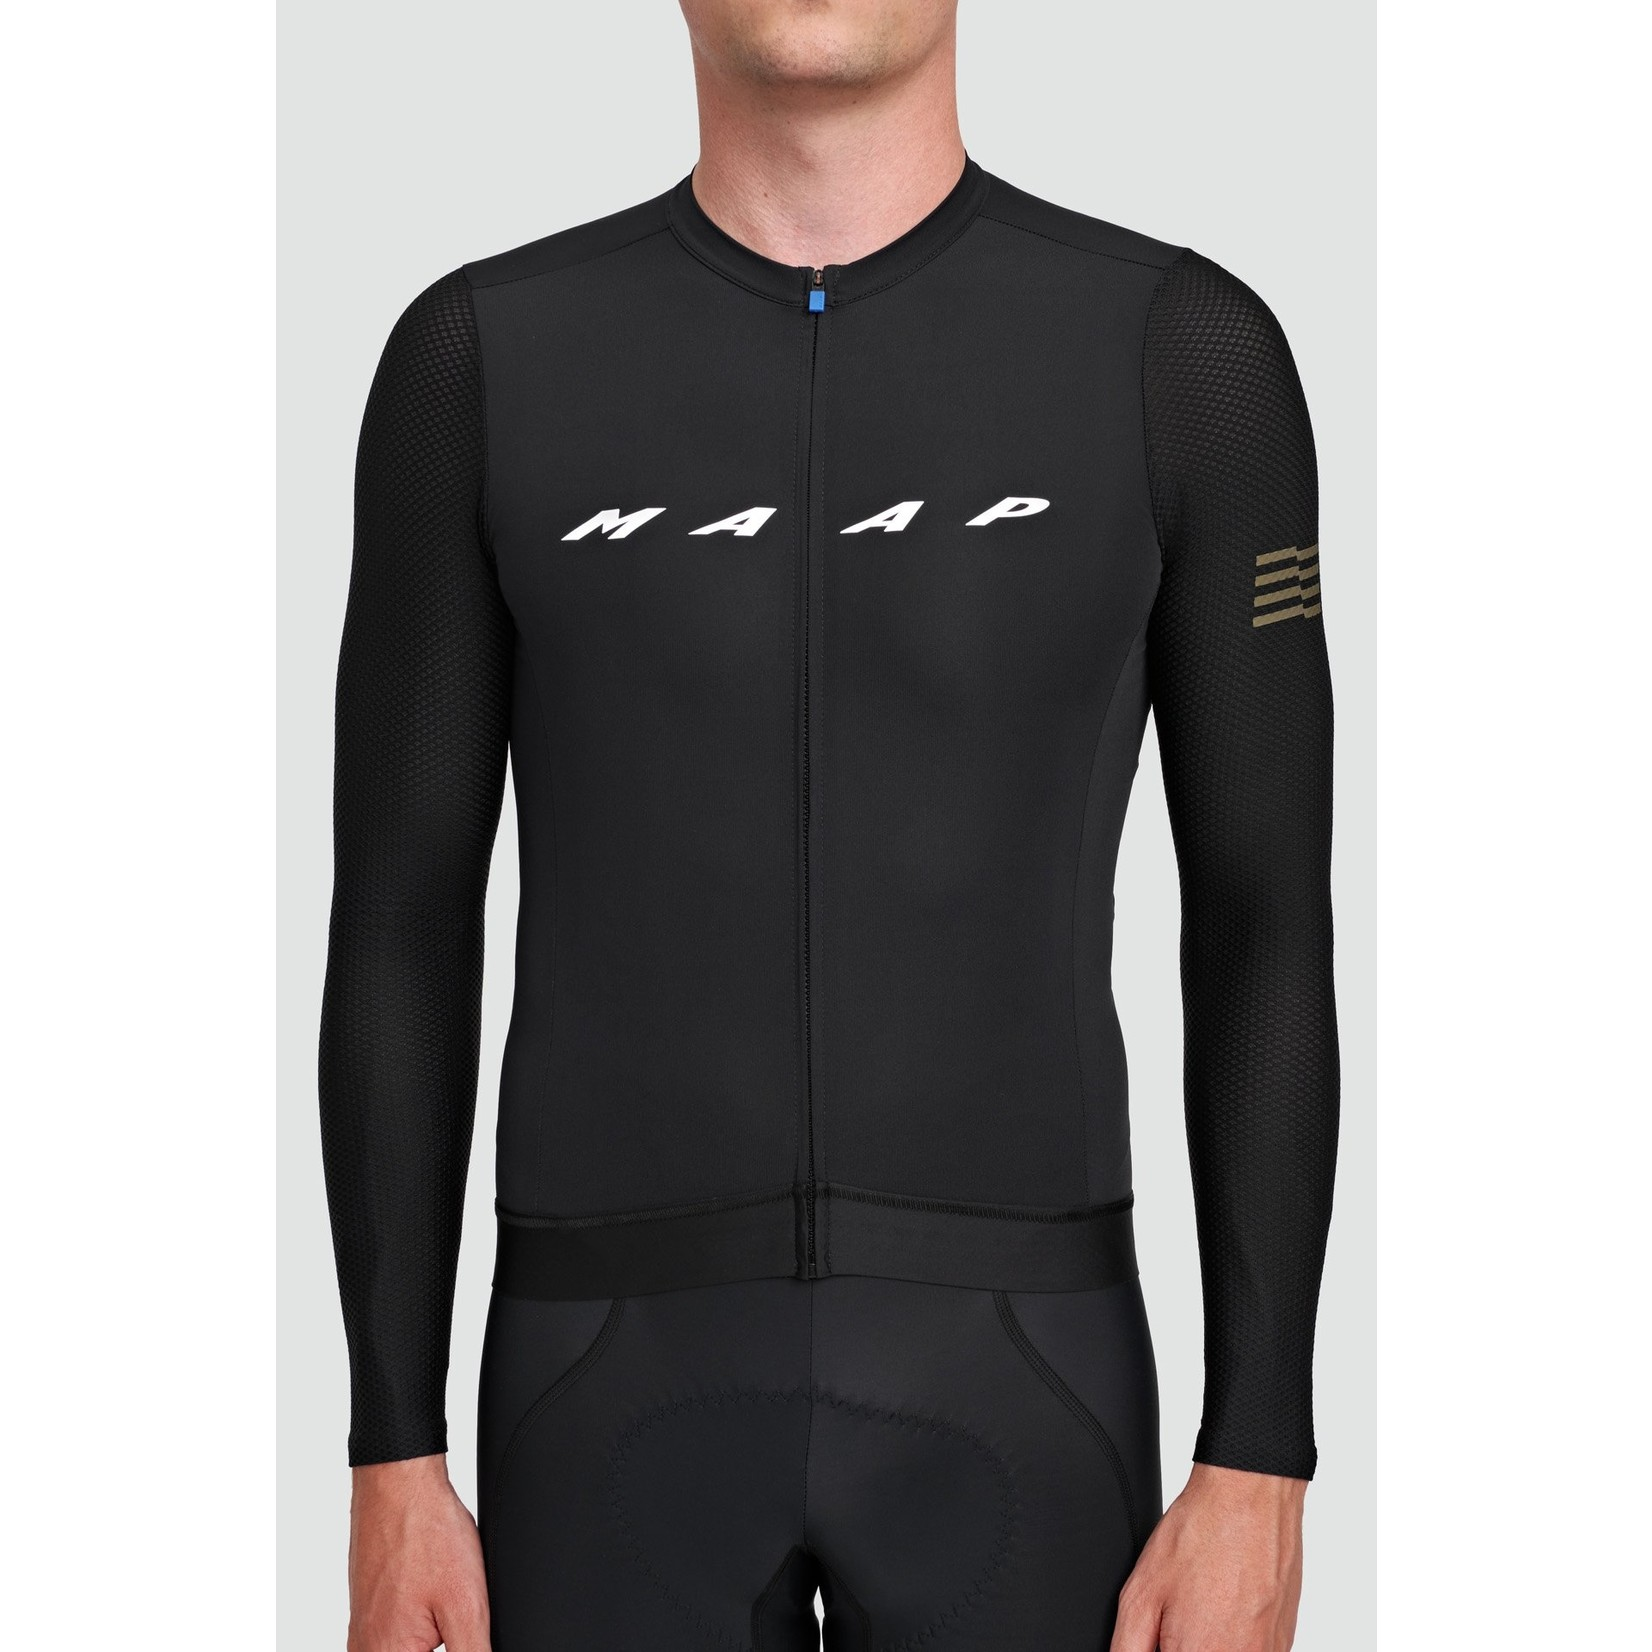 Maap MAAP Evade Pro Base Long Sleeve Jersey - Black